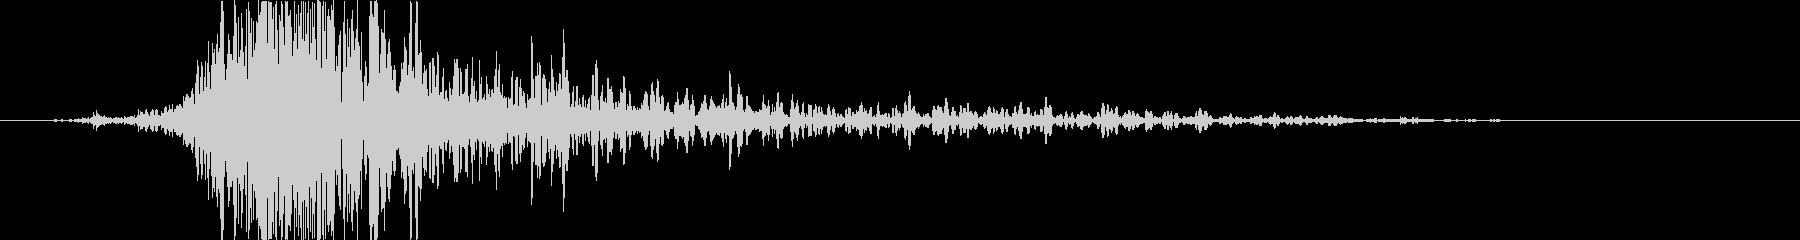 斬撃 ファイヤーイグナイトミディアム02の未再生の波形